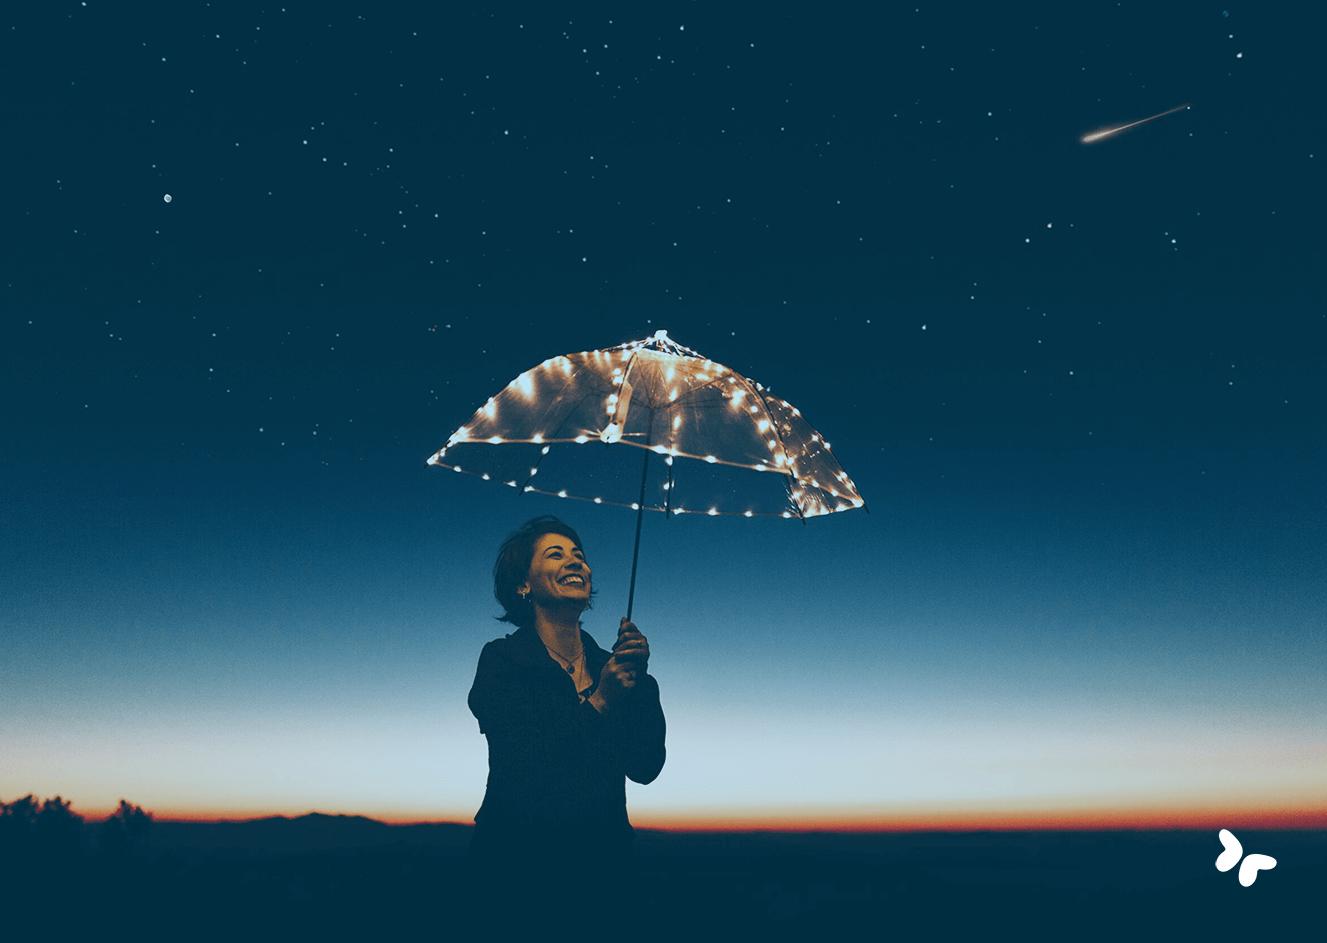 lachende vrouw met lichtgevende paraplu onder sterrenhemel